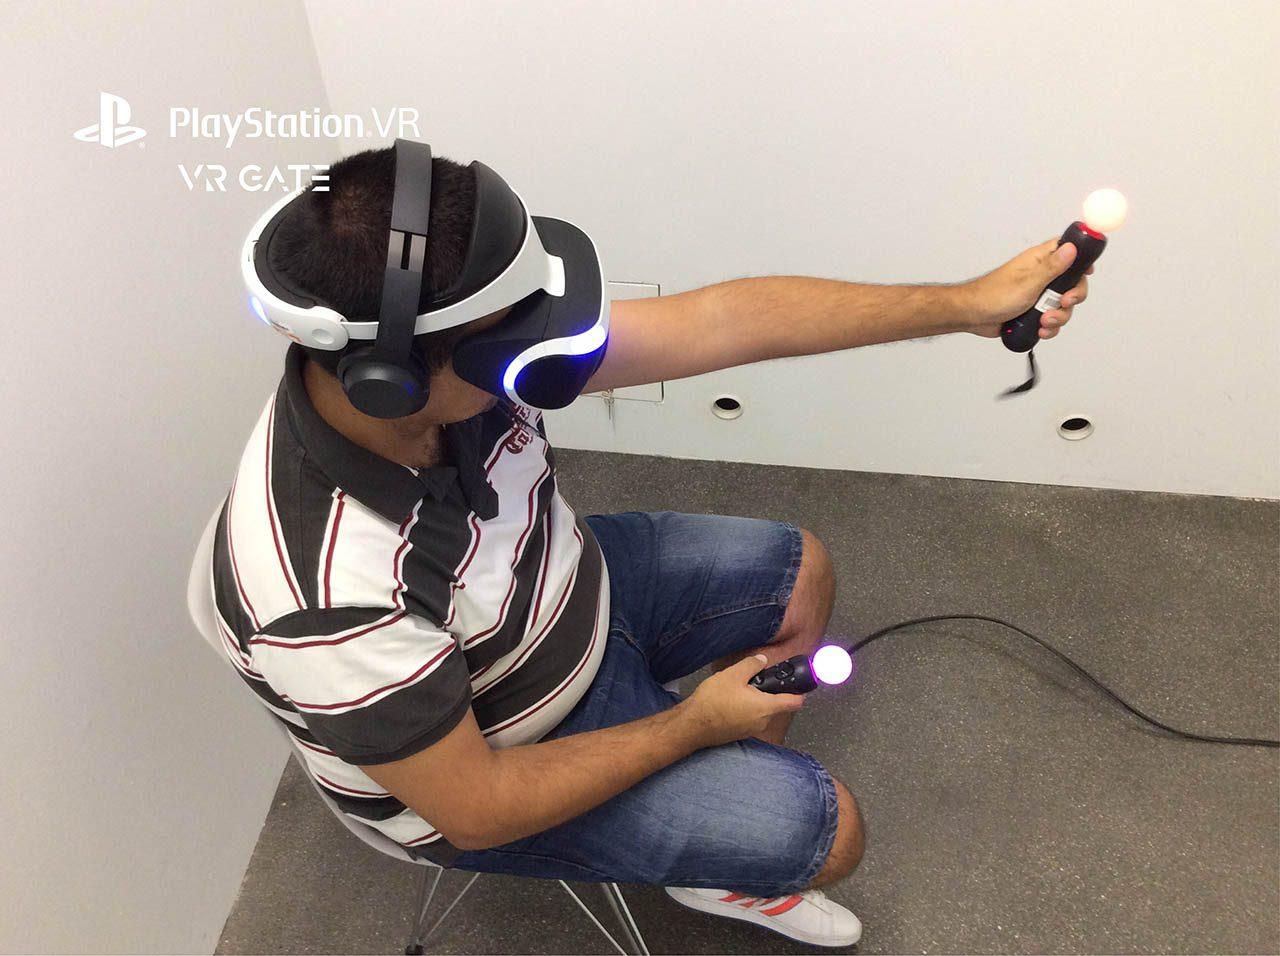 """VR Gate: """"He probado PlayStation VR ¡y lo necesito!"""""""